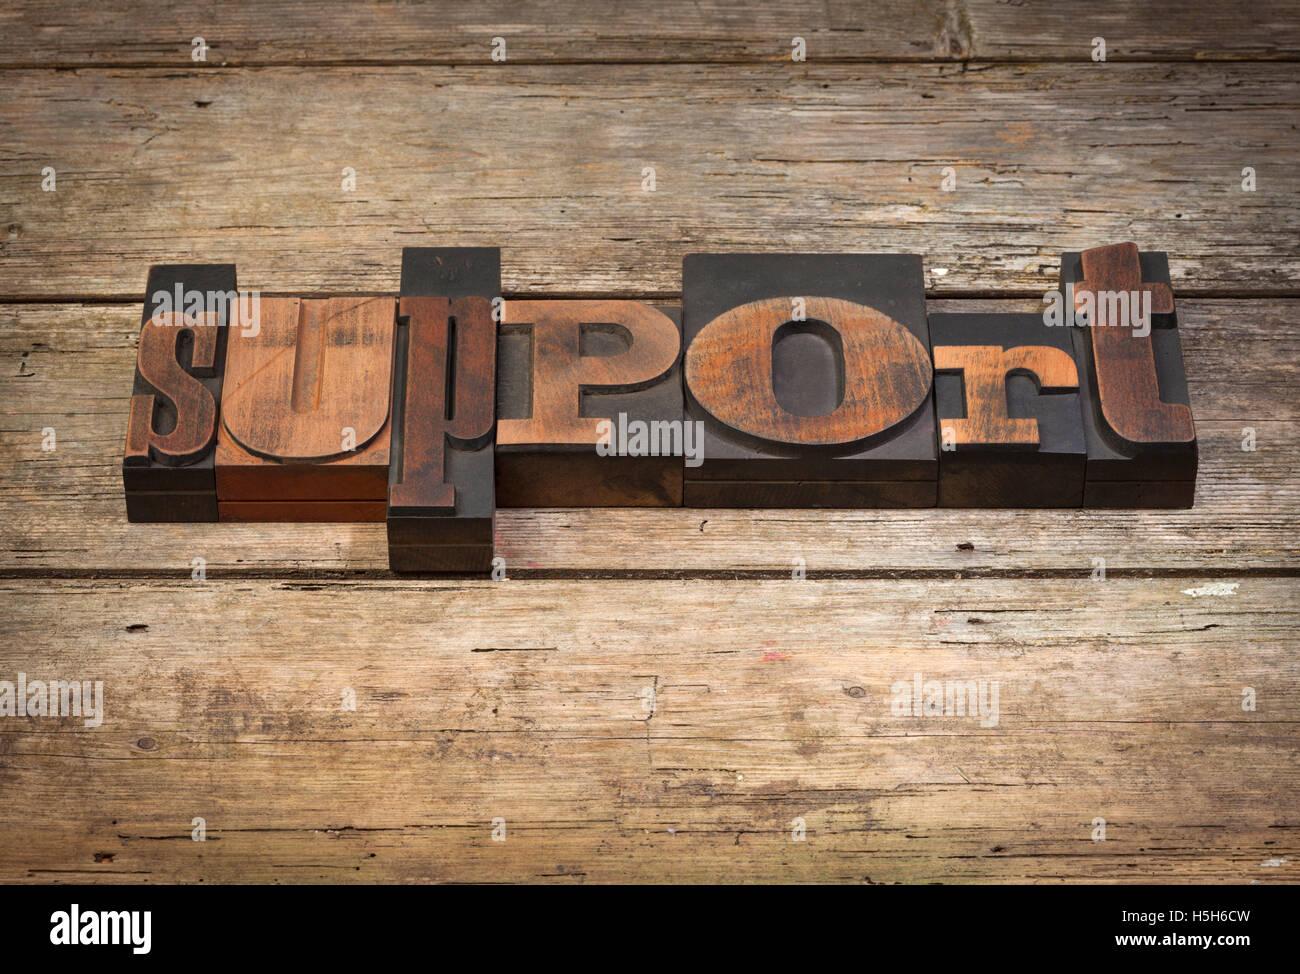 Supporto, parola scritta con l'annata tipografia su blocchi di legno rustico sfondo Immagini Stock